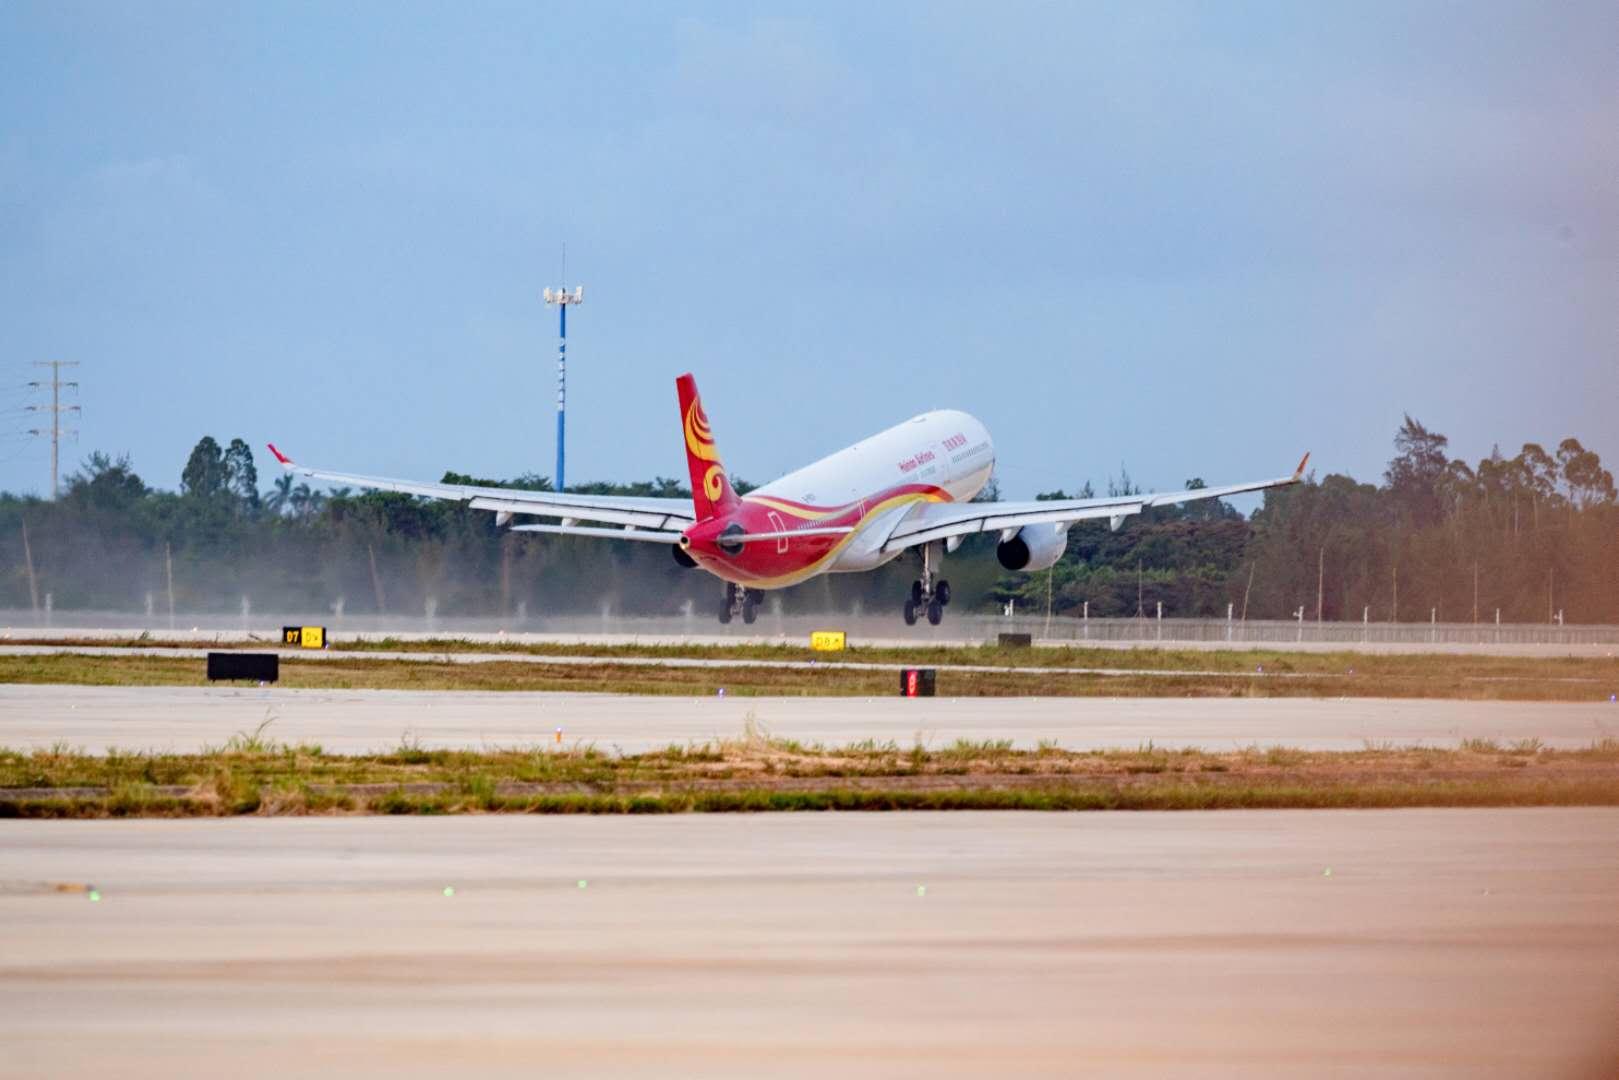 【摩天官网】兰国际机场二期扩建项目迎来首摩天官网架图片